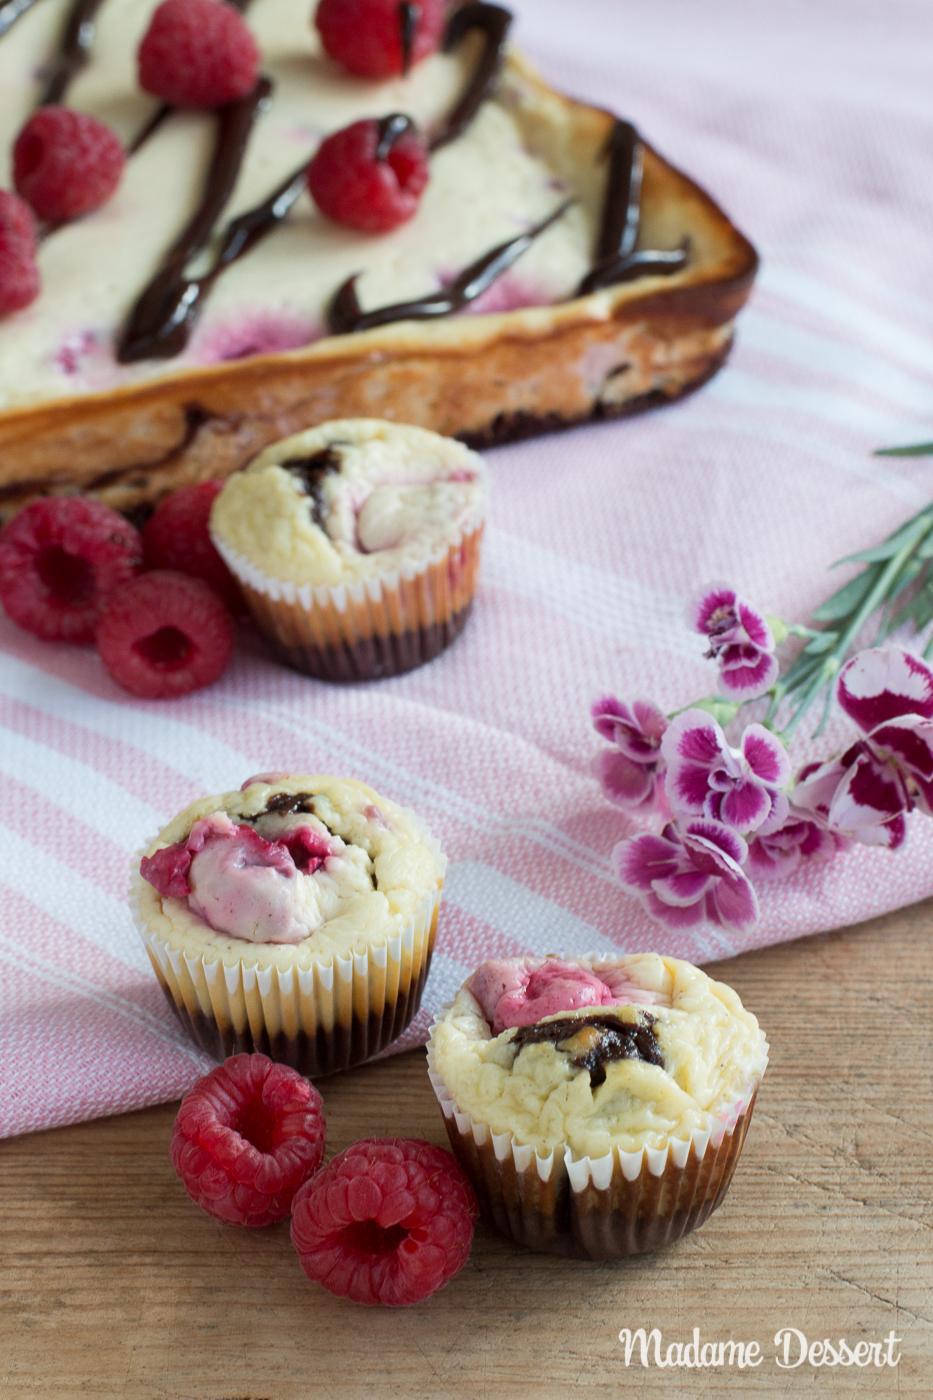 Himbeer Cheesecake mit Brownieboden | Madame Dessert